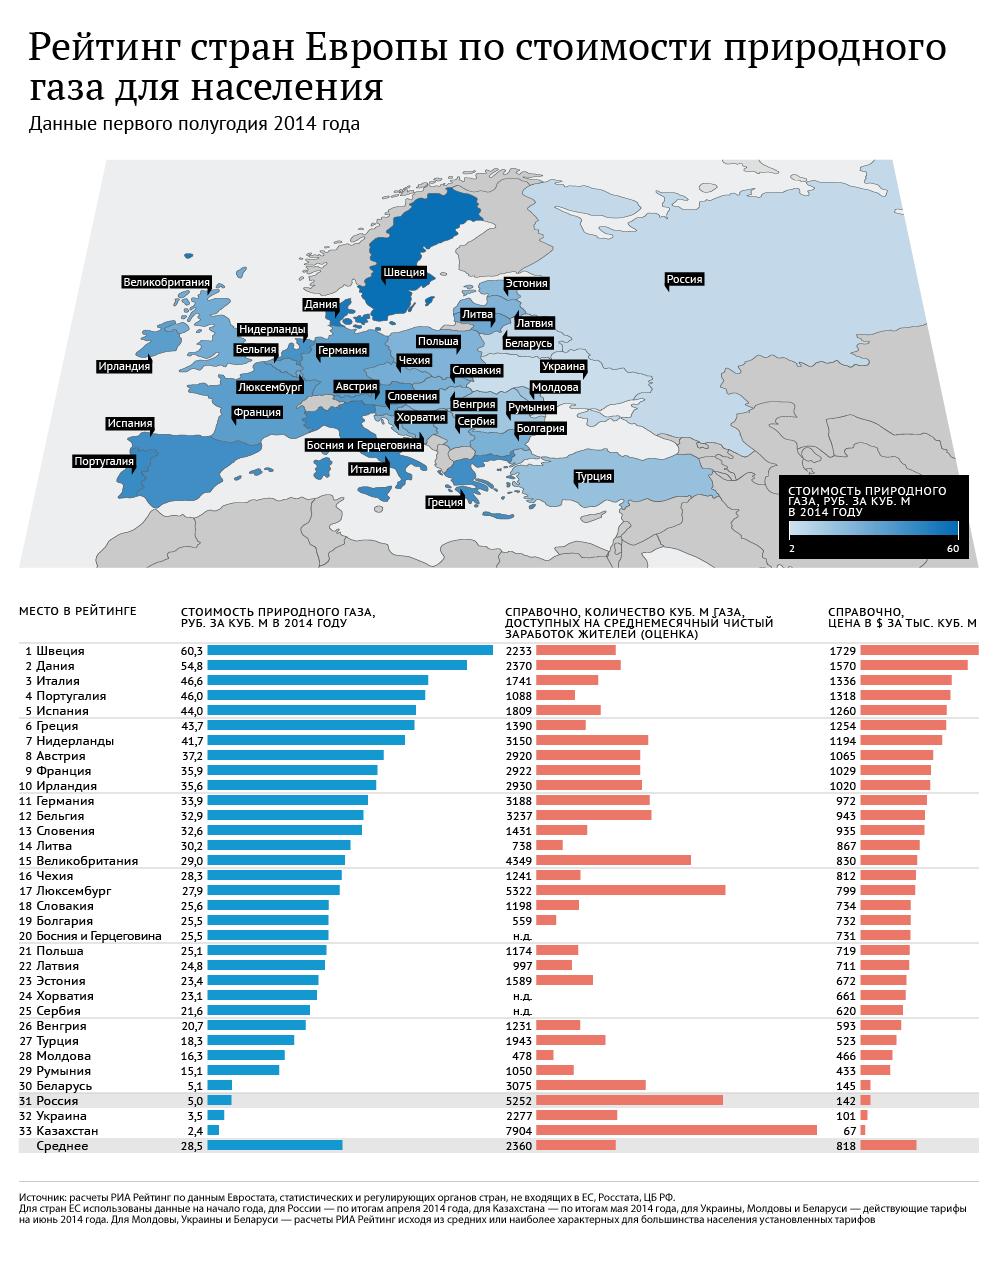 Рейтинг стран Европы по стоимости природного газа для населения